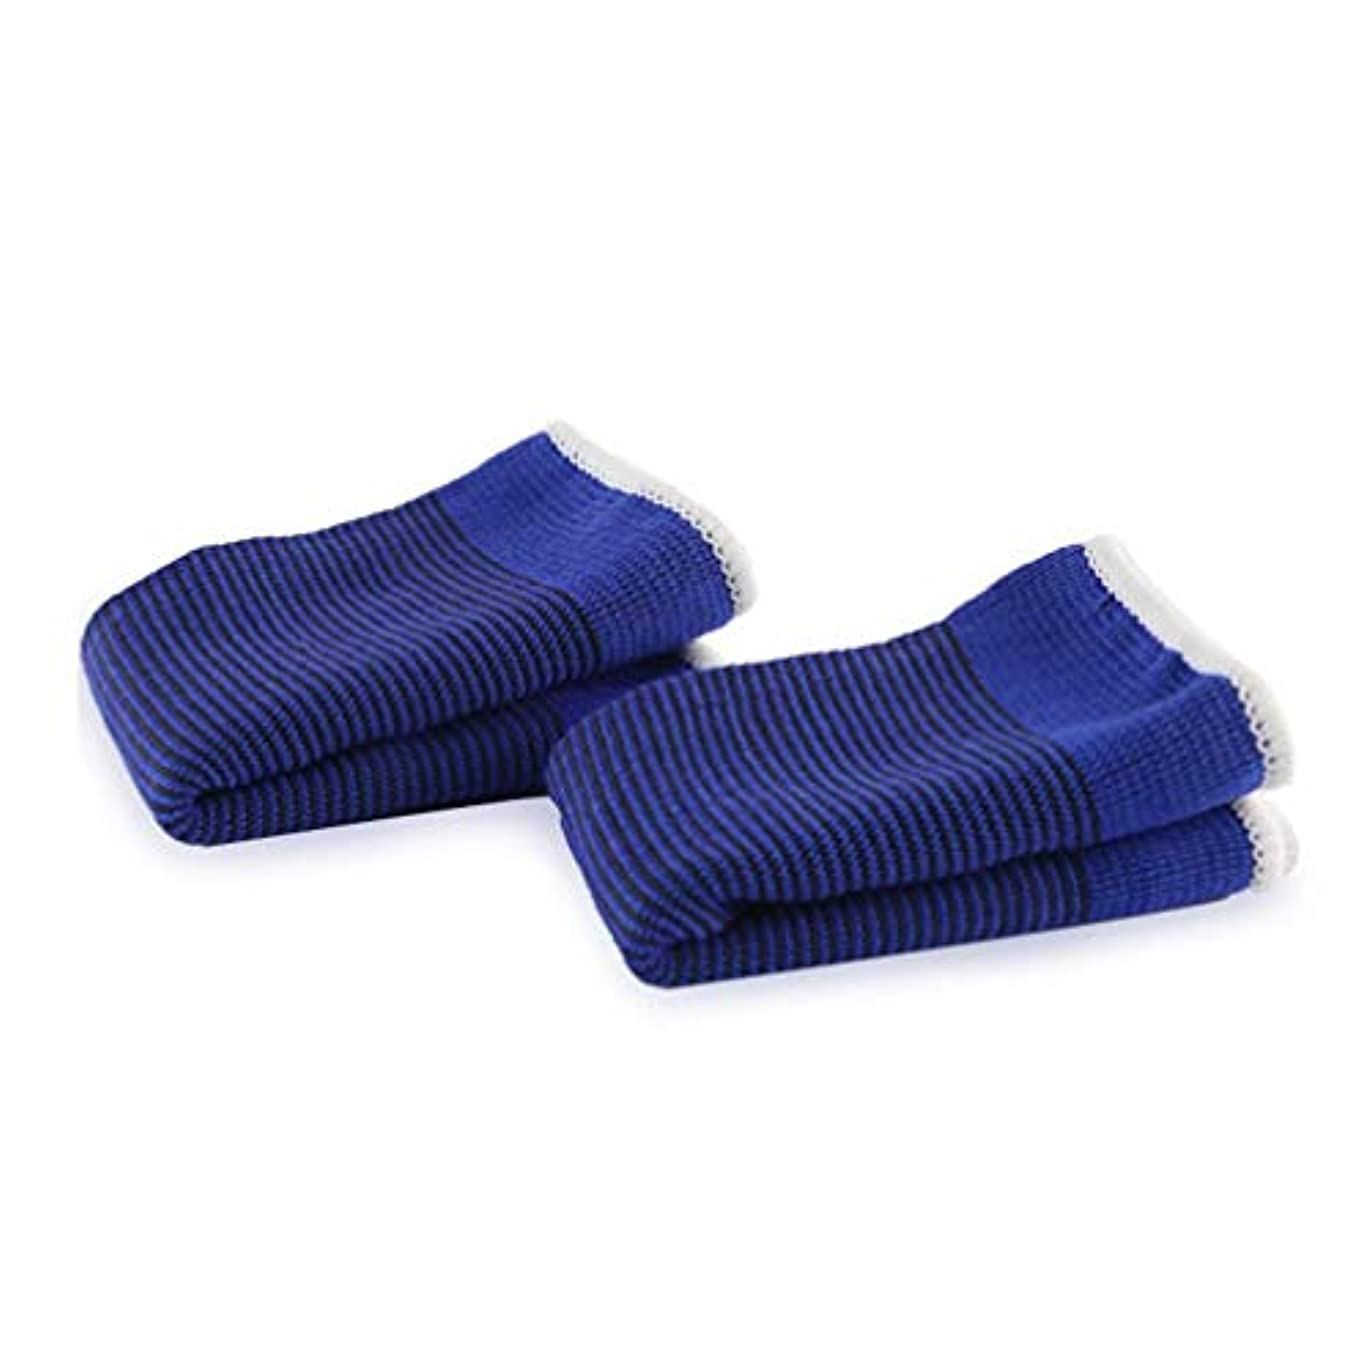 登録ステージ大きさ柔らかい滑り止めのスポーツの男性の女性の大人の膝パッドはバスケボールを防ぎます-Rustle666